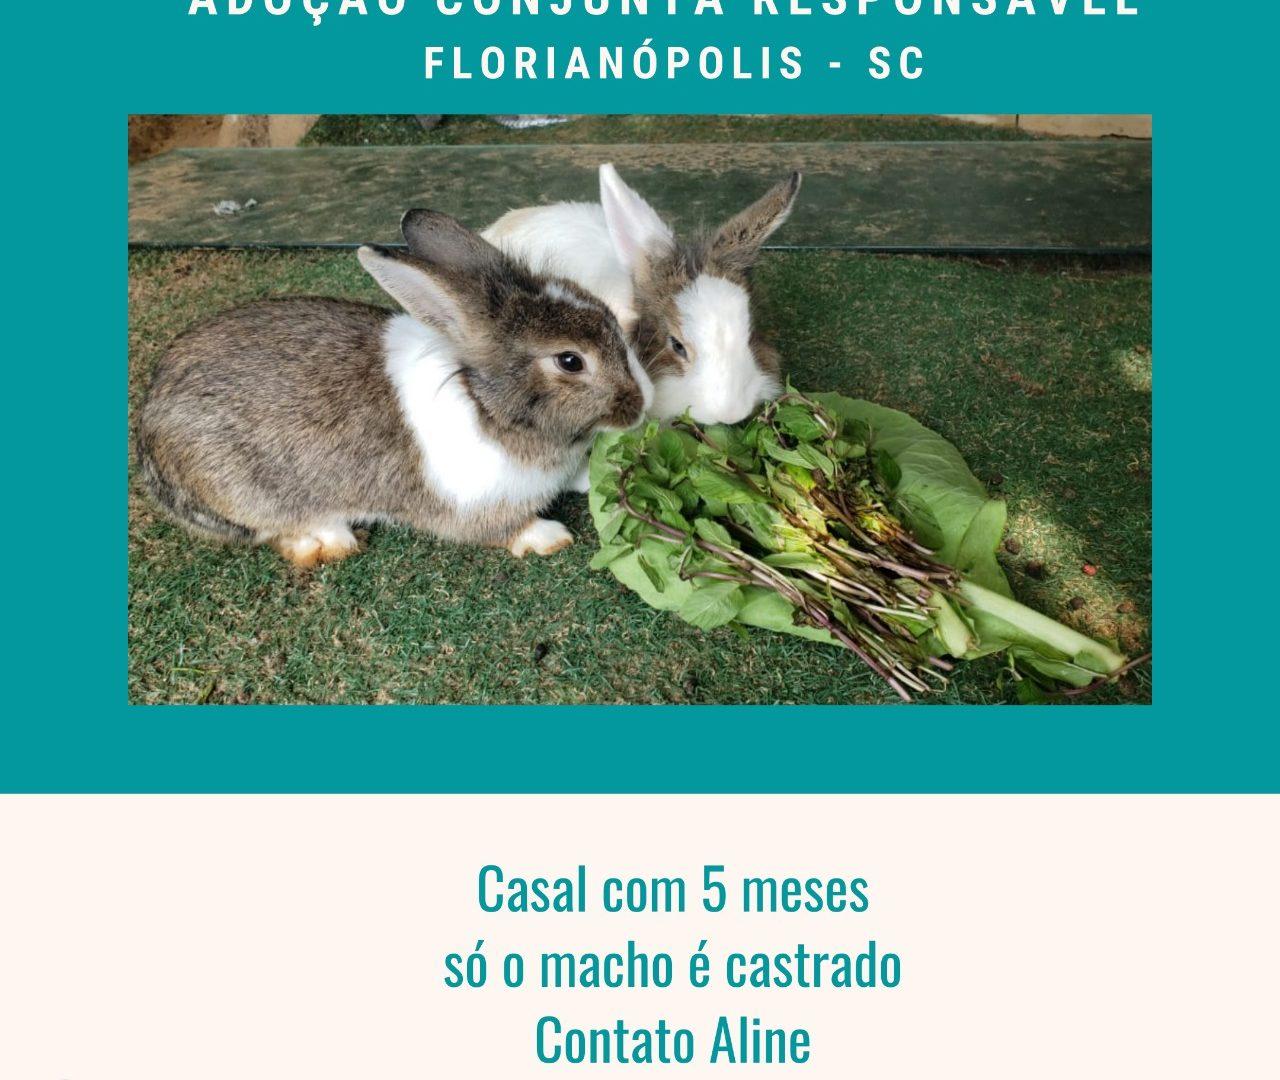 ADOÇÃO  CONJUNTA - FLORIANÓPOLIS  SC